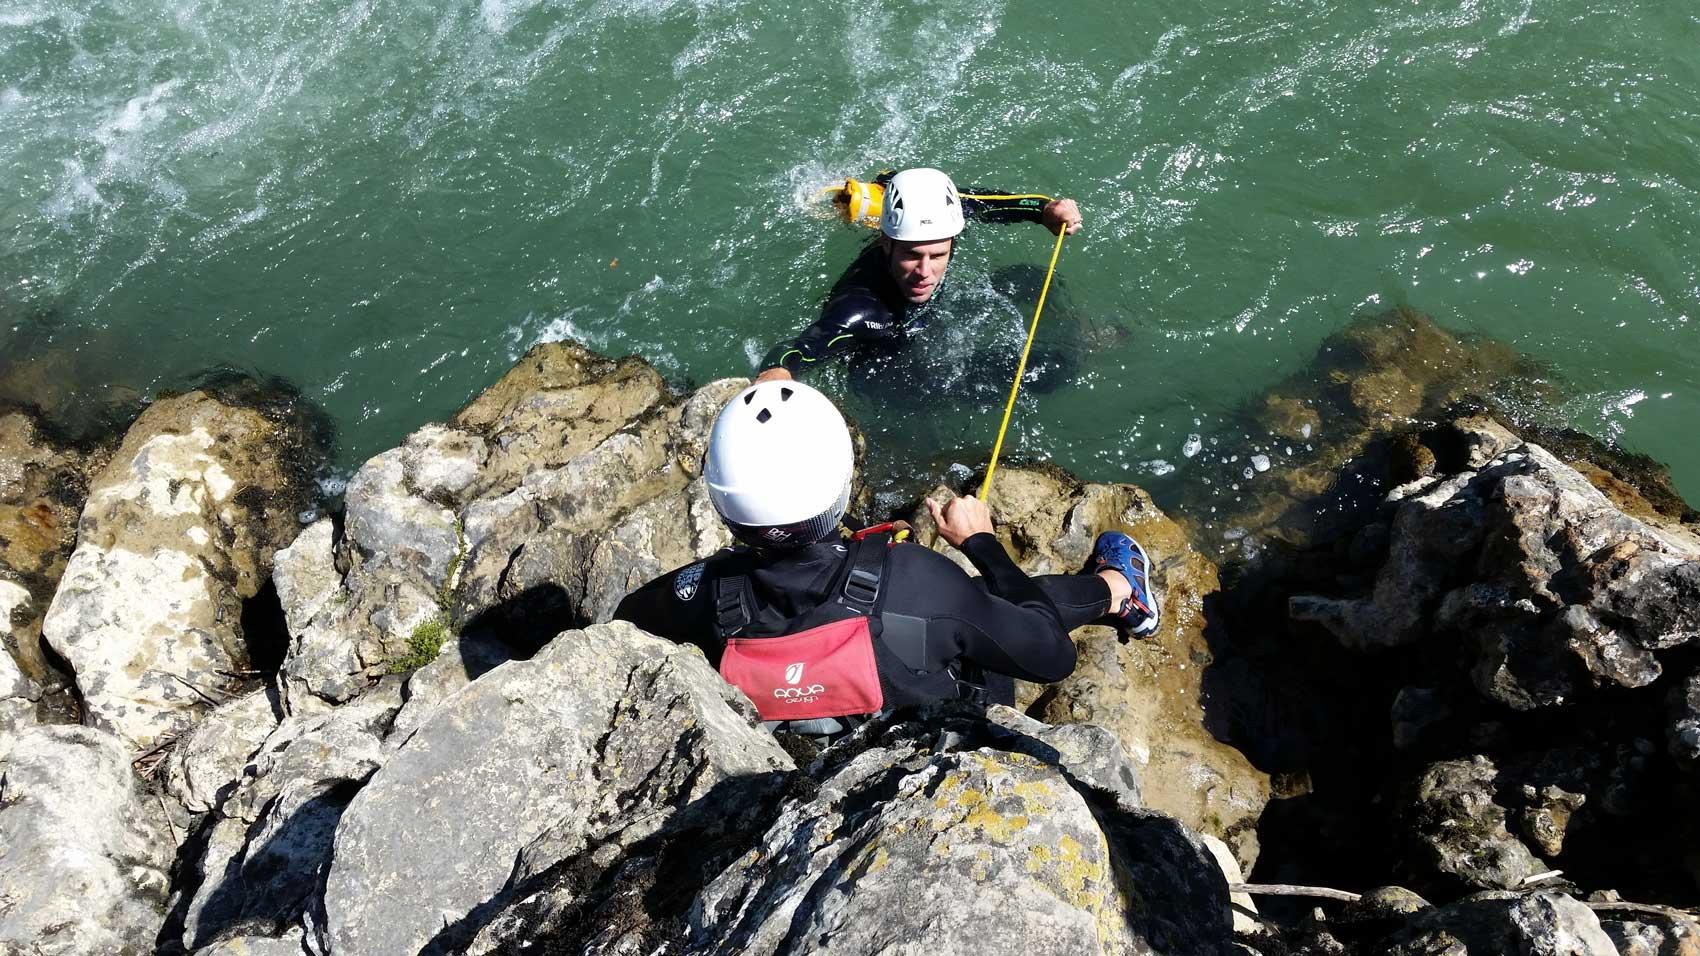 securité-grimp--canyoning-sauvetage-secours